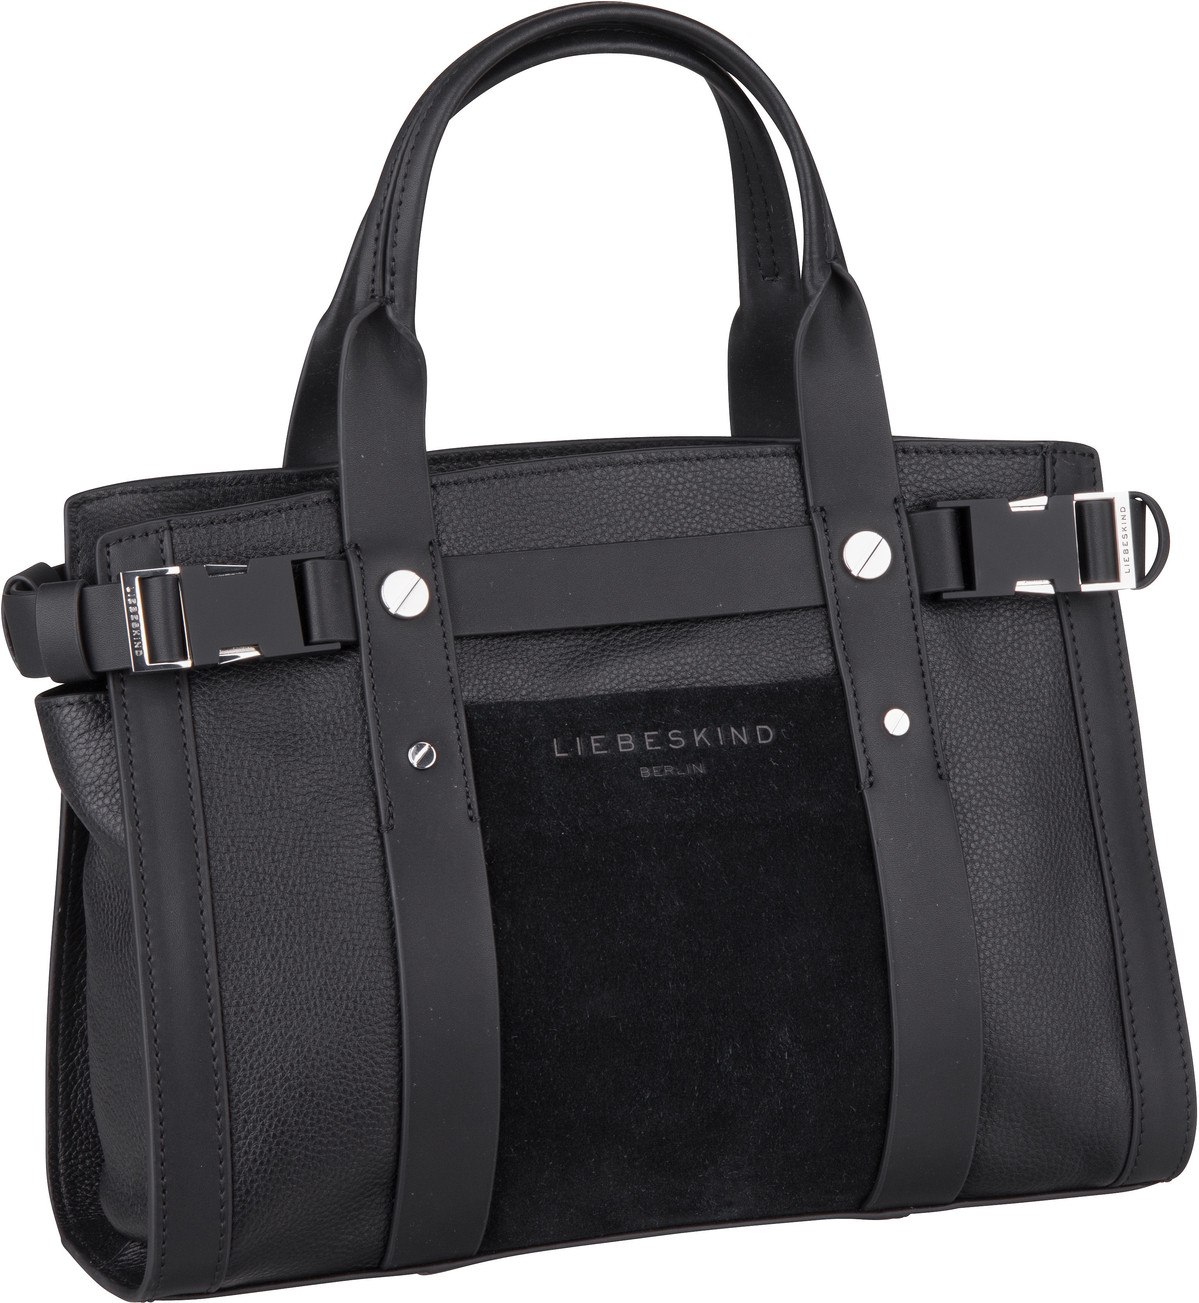 Berlin Handtasche Sporty Satchel M Suede Black